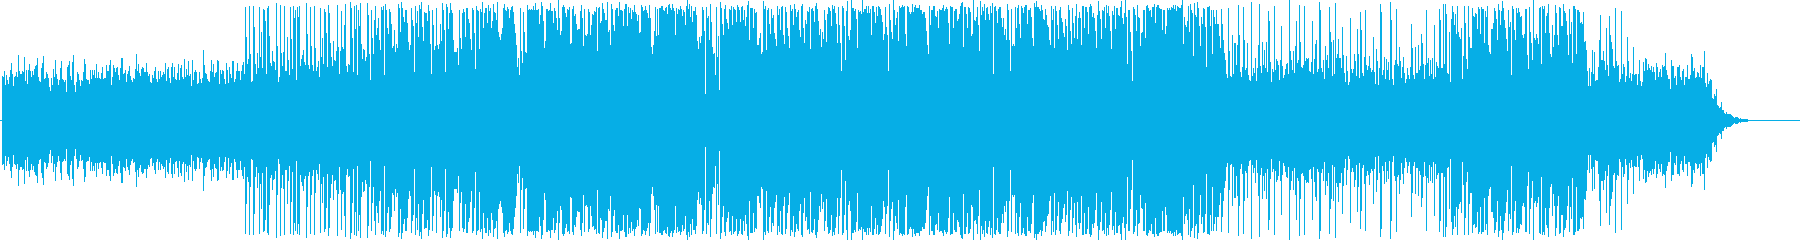 ビブラフォンが都会を彩るアシッドジャズの再生済みの波形